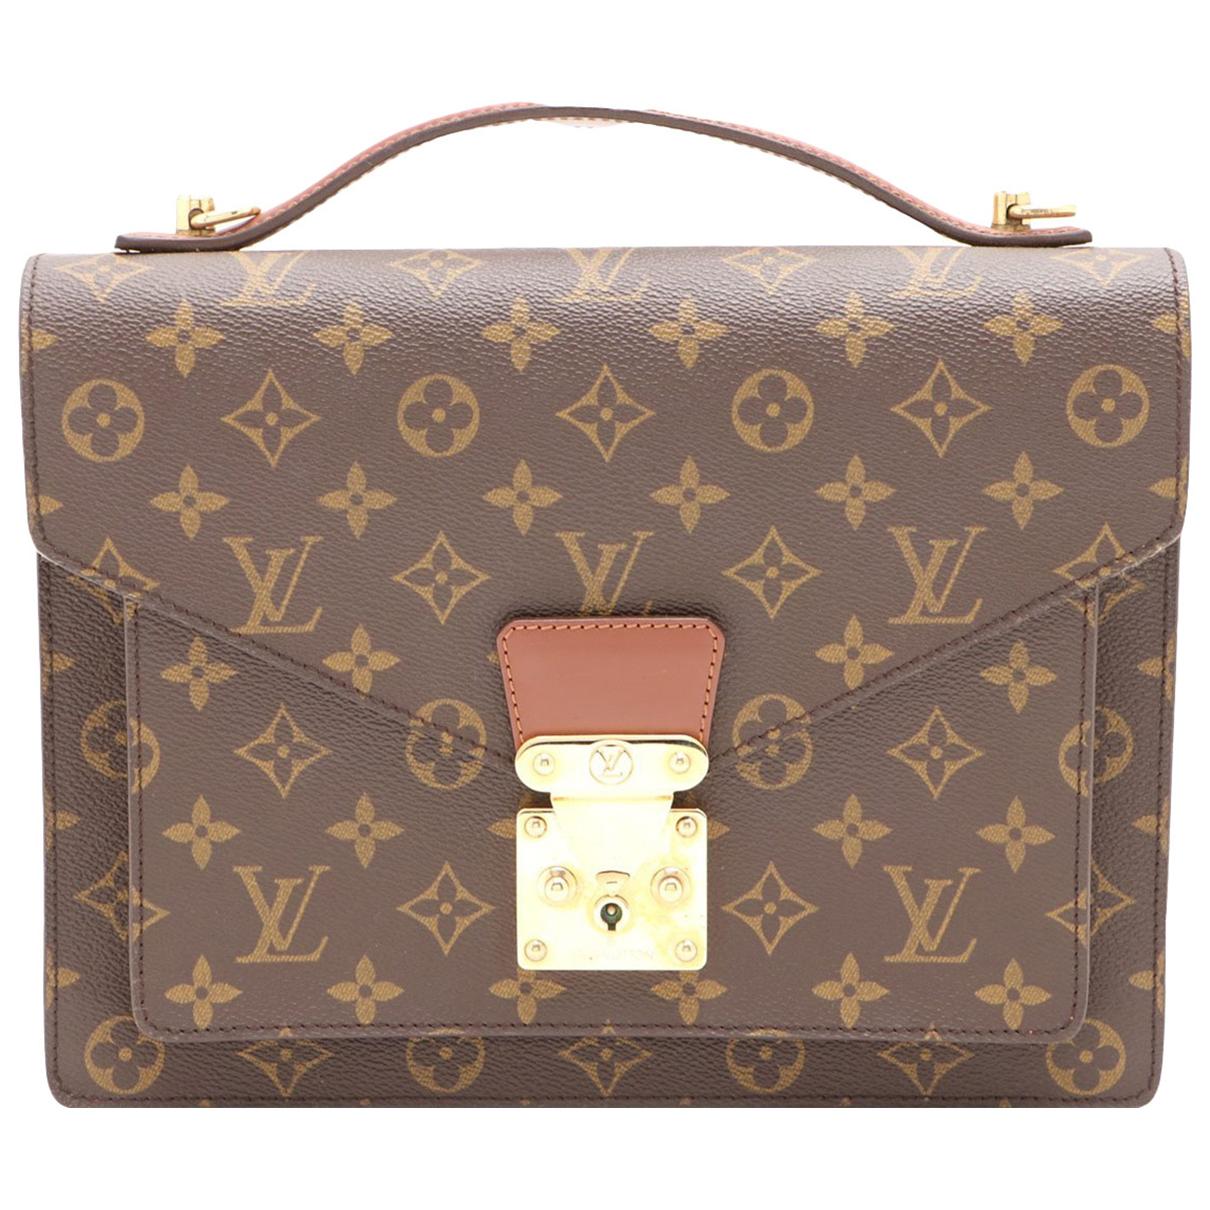 Bolso Monceau de Lona Louis Vuitton